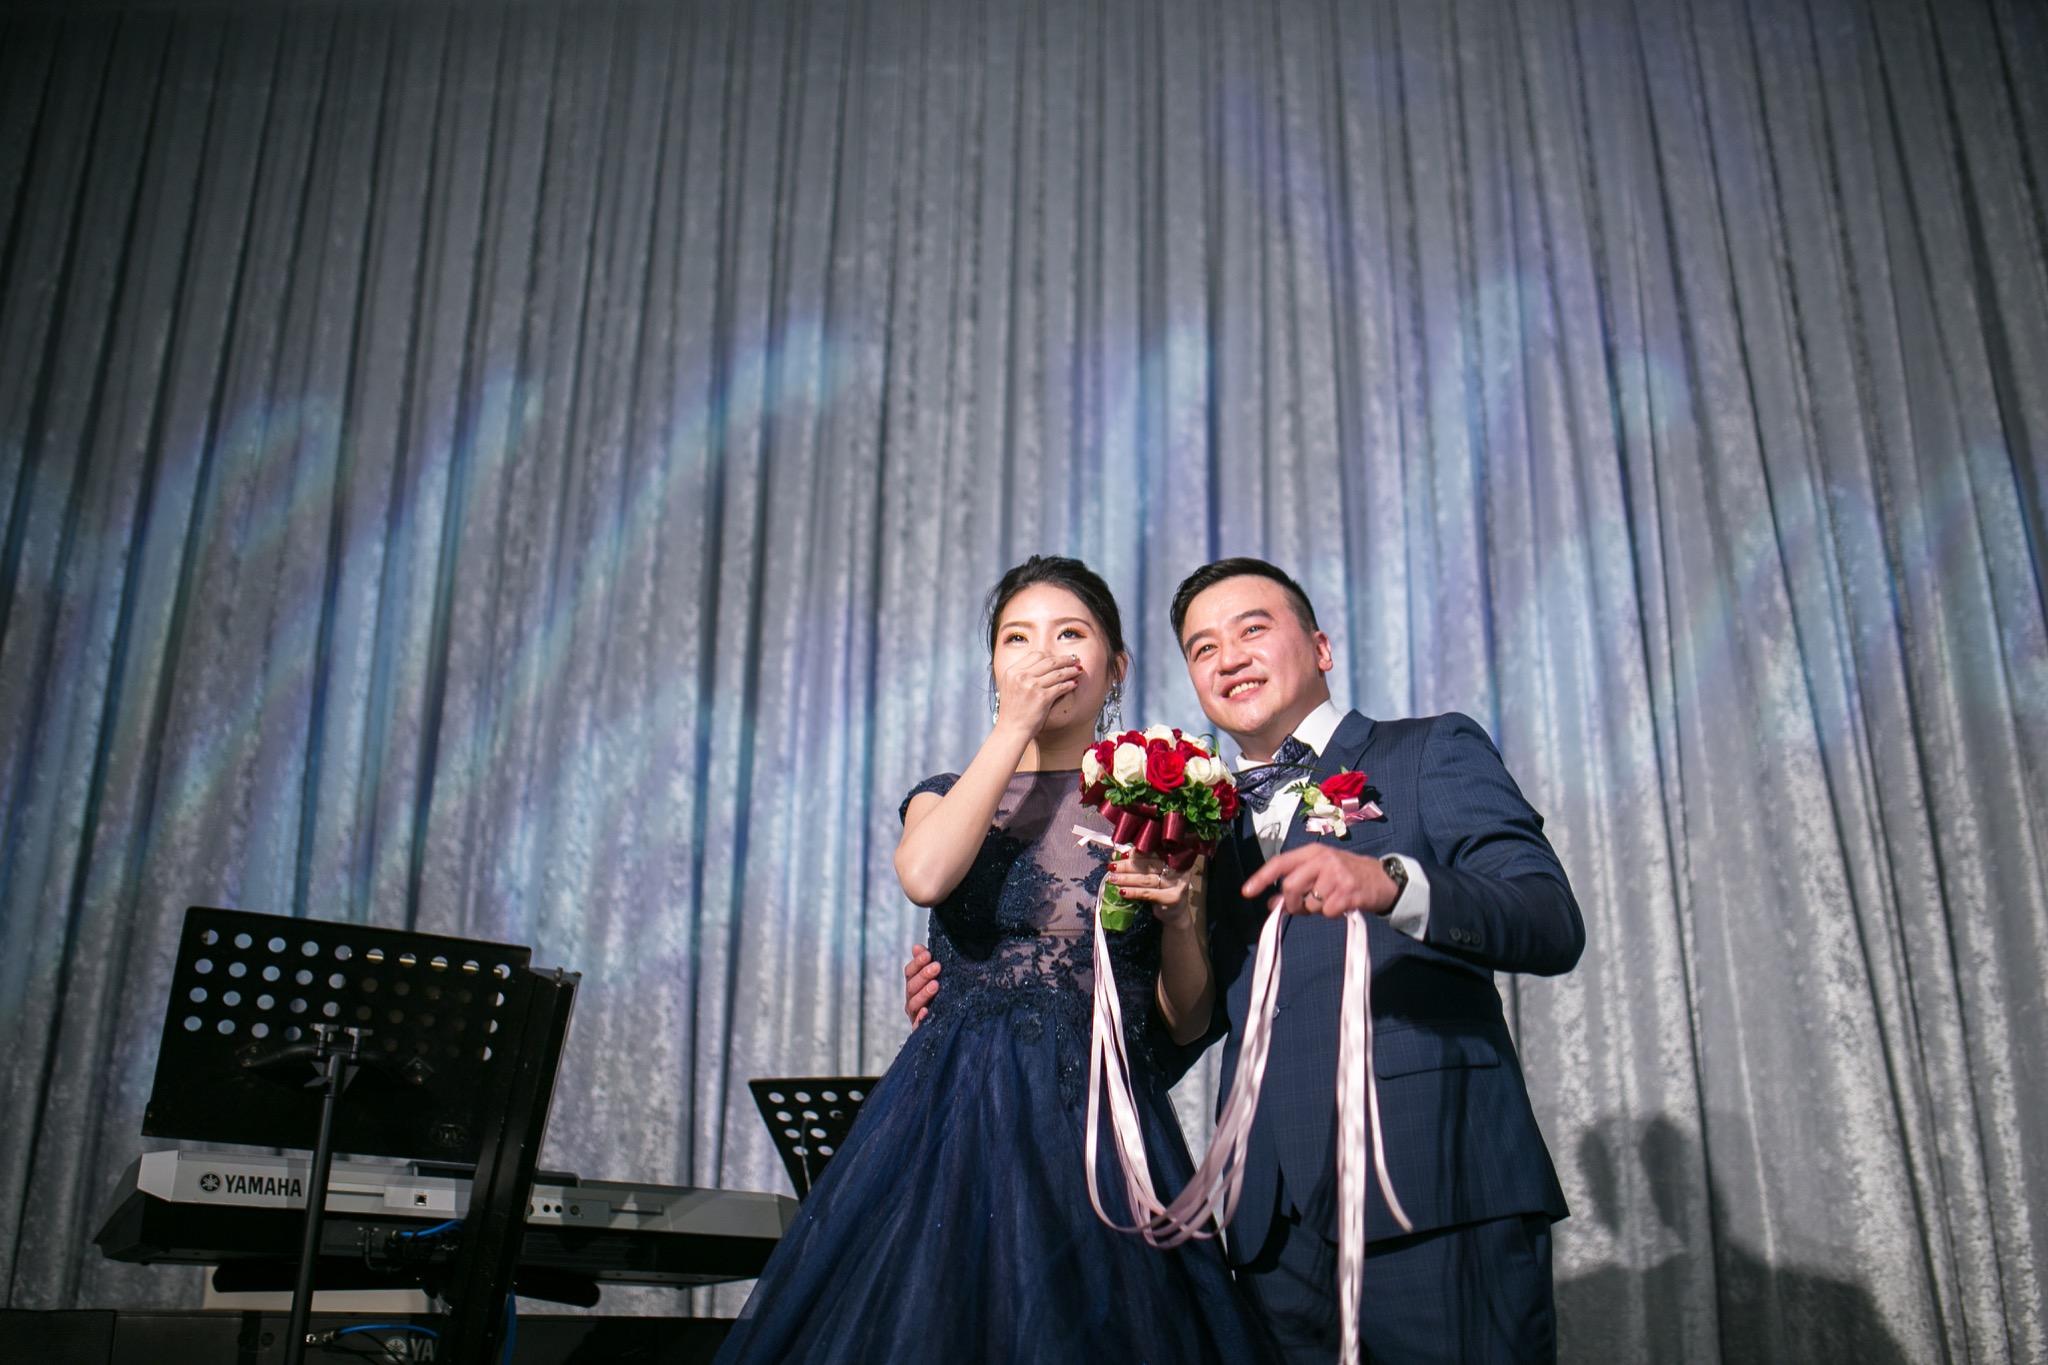 台北晶華酒店婚禮儀式,台中婚錄推薦60